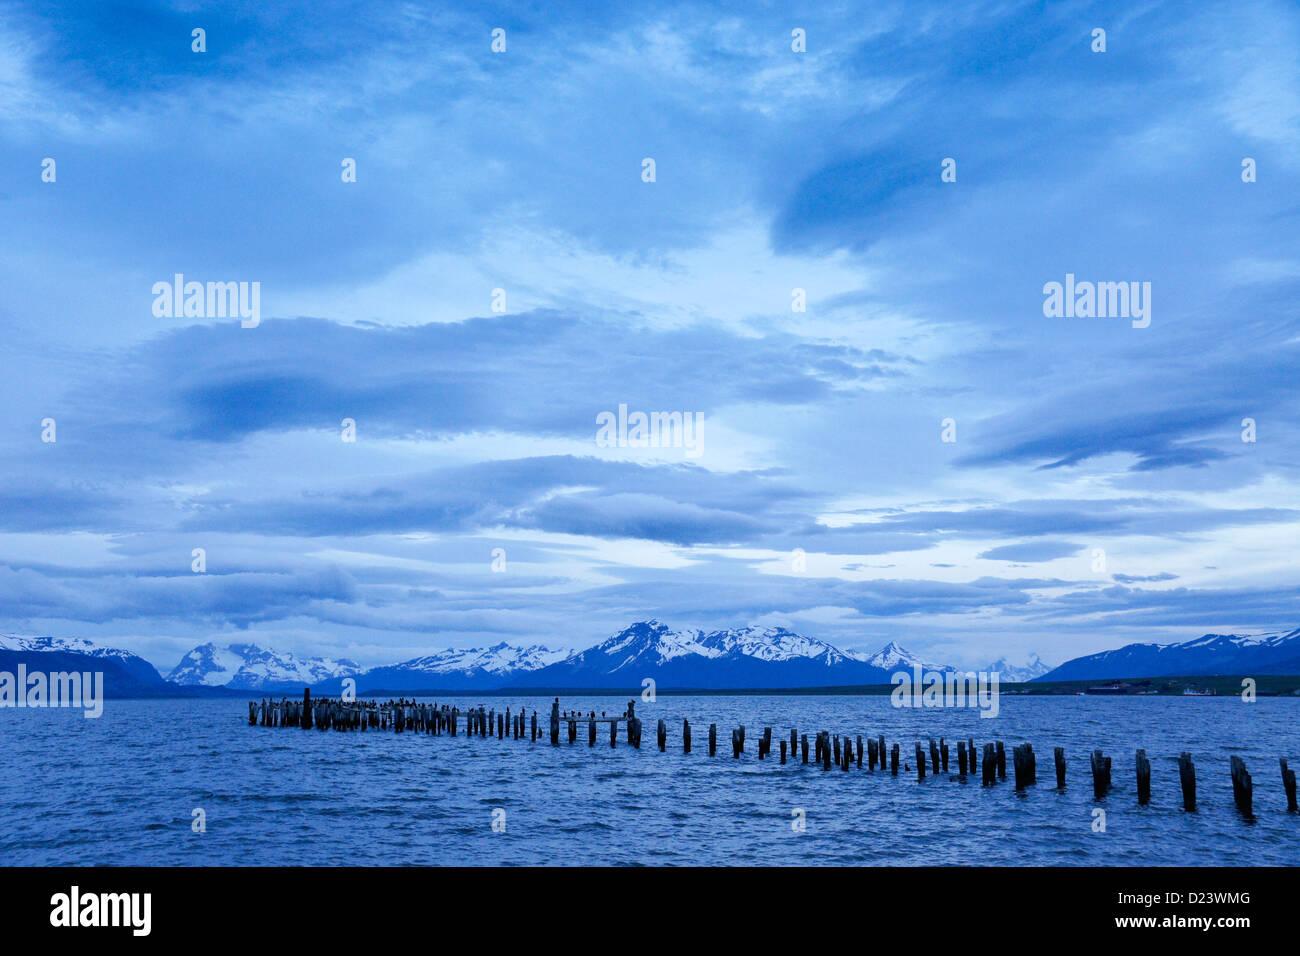 Seno de Última Esperanza de sonido), Puerto Natales, Patagonia, Chile Imagen De Stock